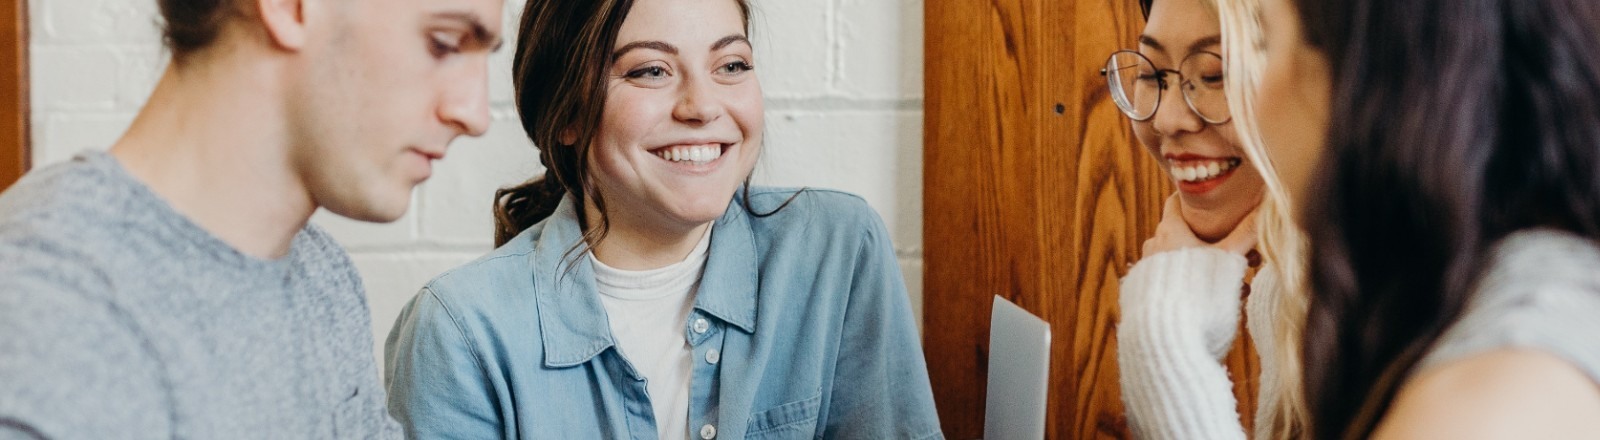 Junge Menschen stehen an einem Tisch und lachen freundlich